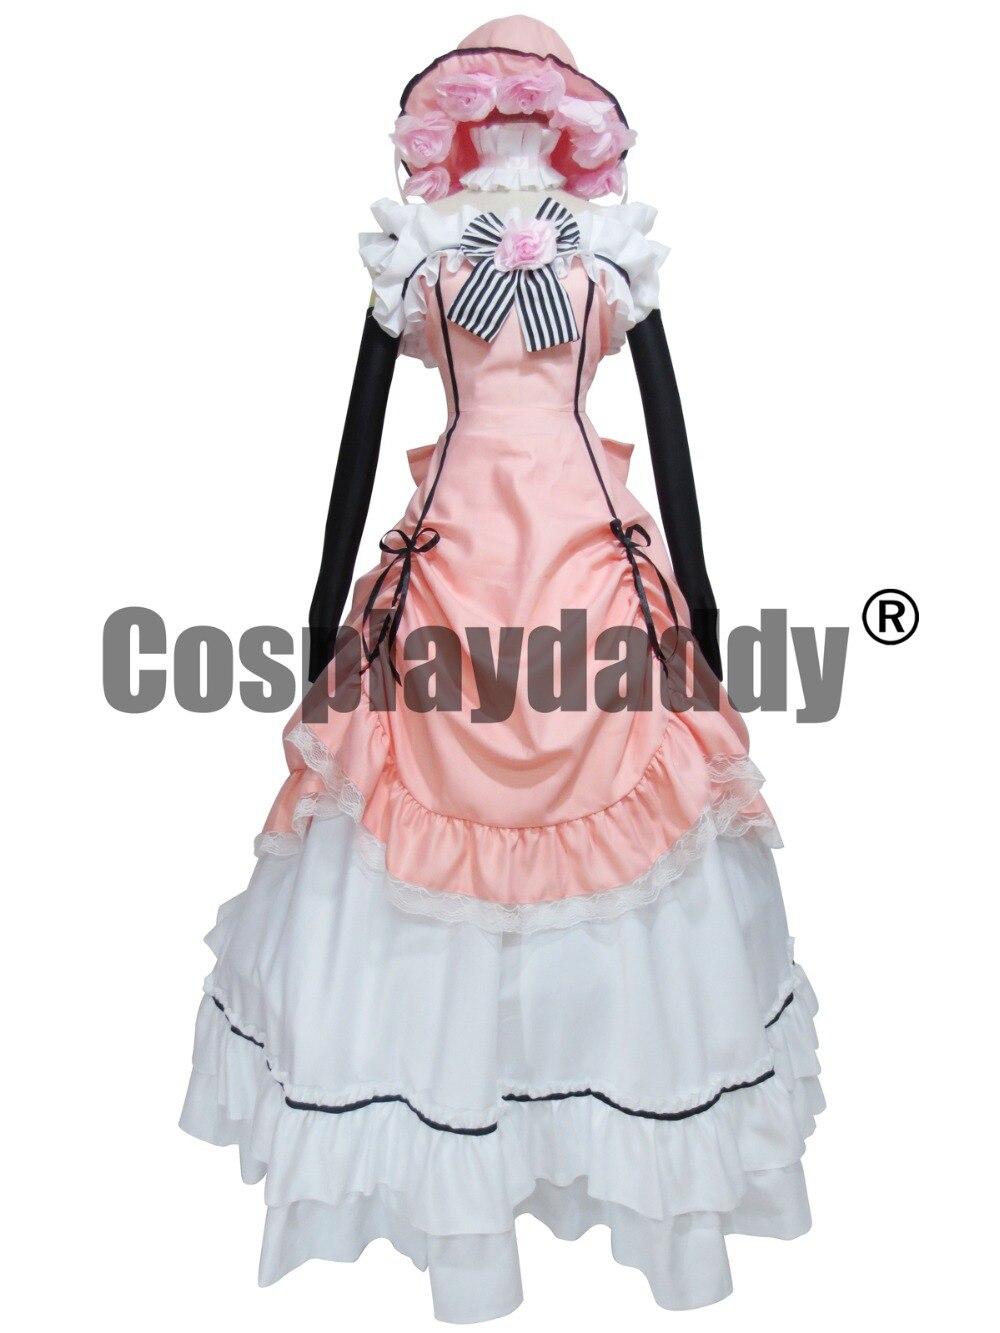 Kuroshitsuji ČERNÝ BUTLER Ciel Phantomhive růžový šaty Cosplay kostým Lolita